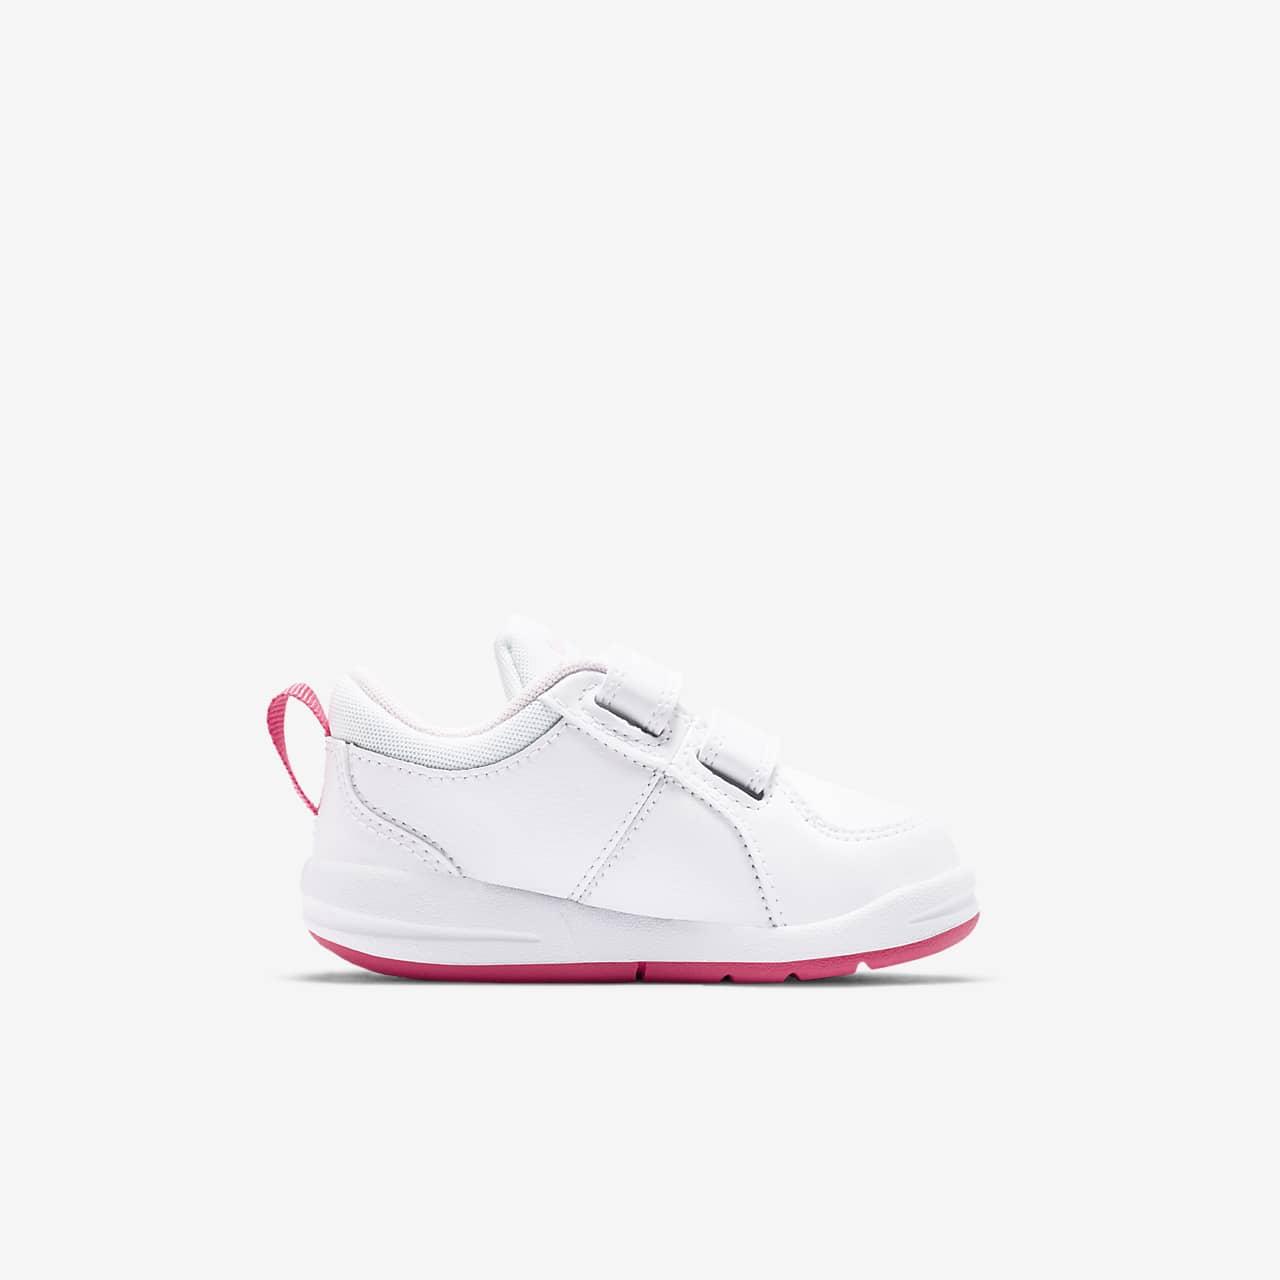 ... Chaussure Nike Pico 4 pour Bébé/Petite fille